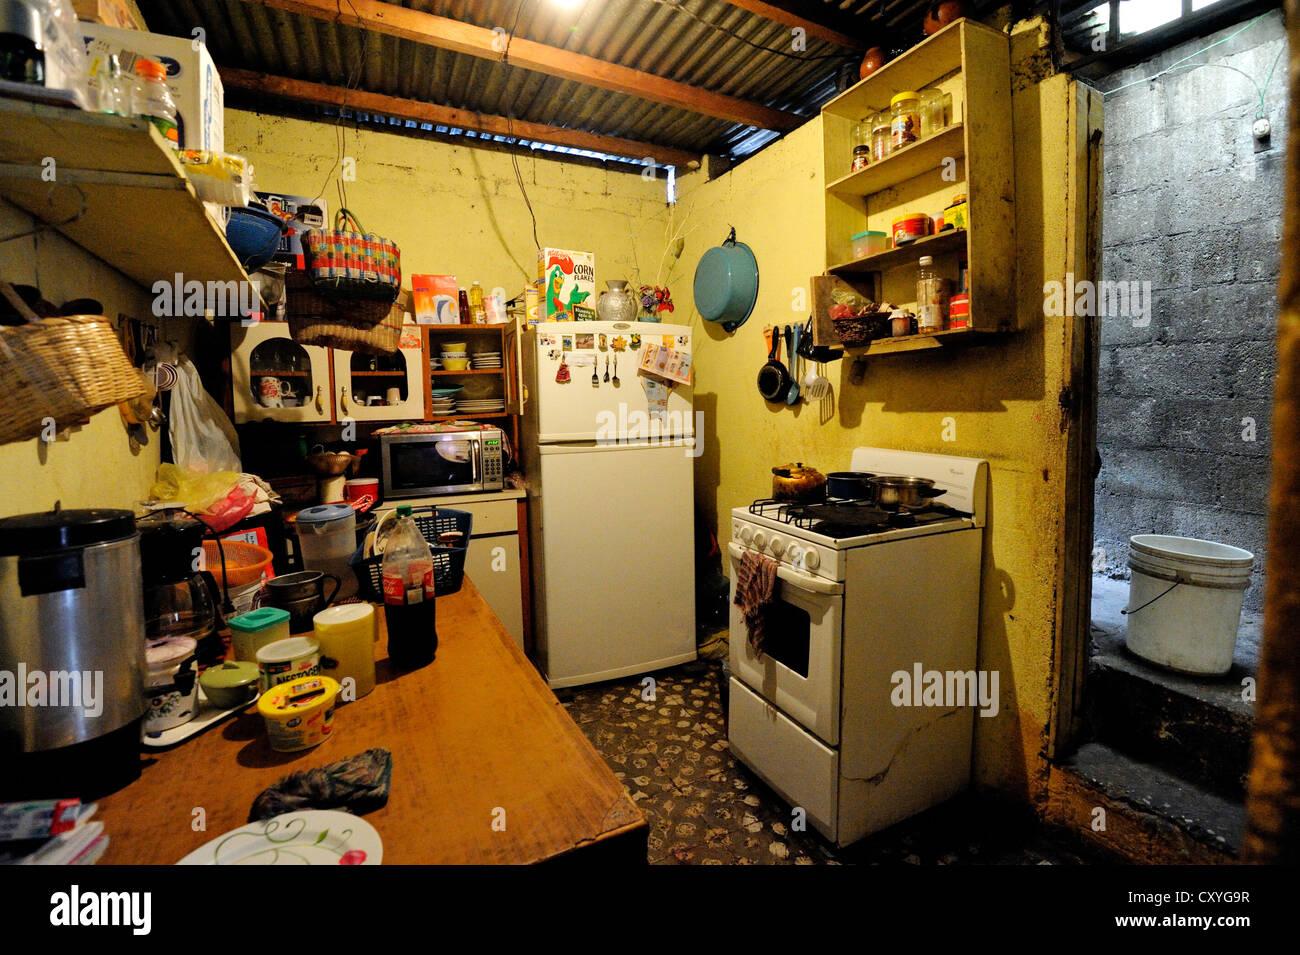 Umile cucina in un quartiere povero, El Esfuerzo baraccopoli, Città del Guatemala, Guatemala, America Centrale Immagini Stock